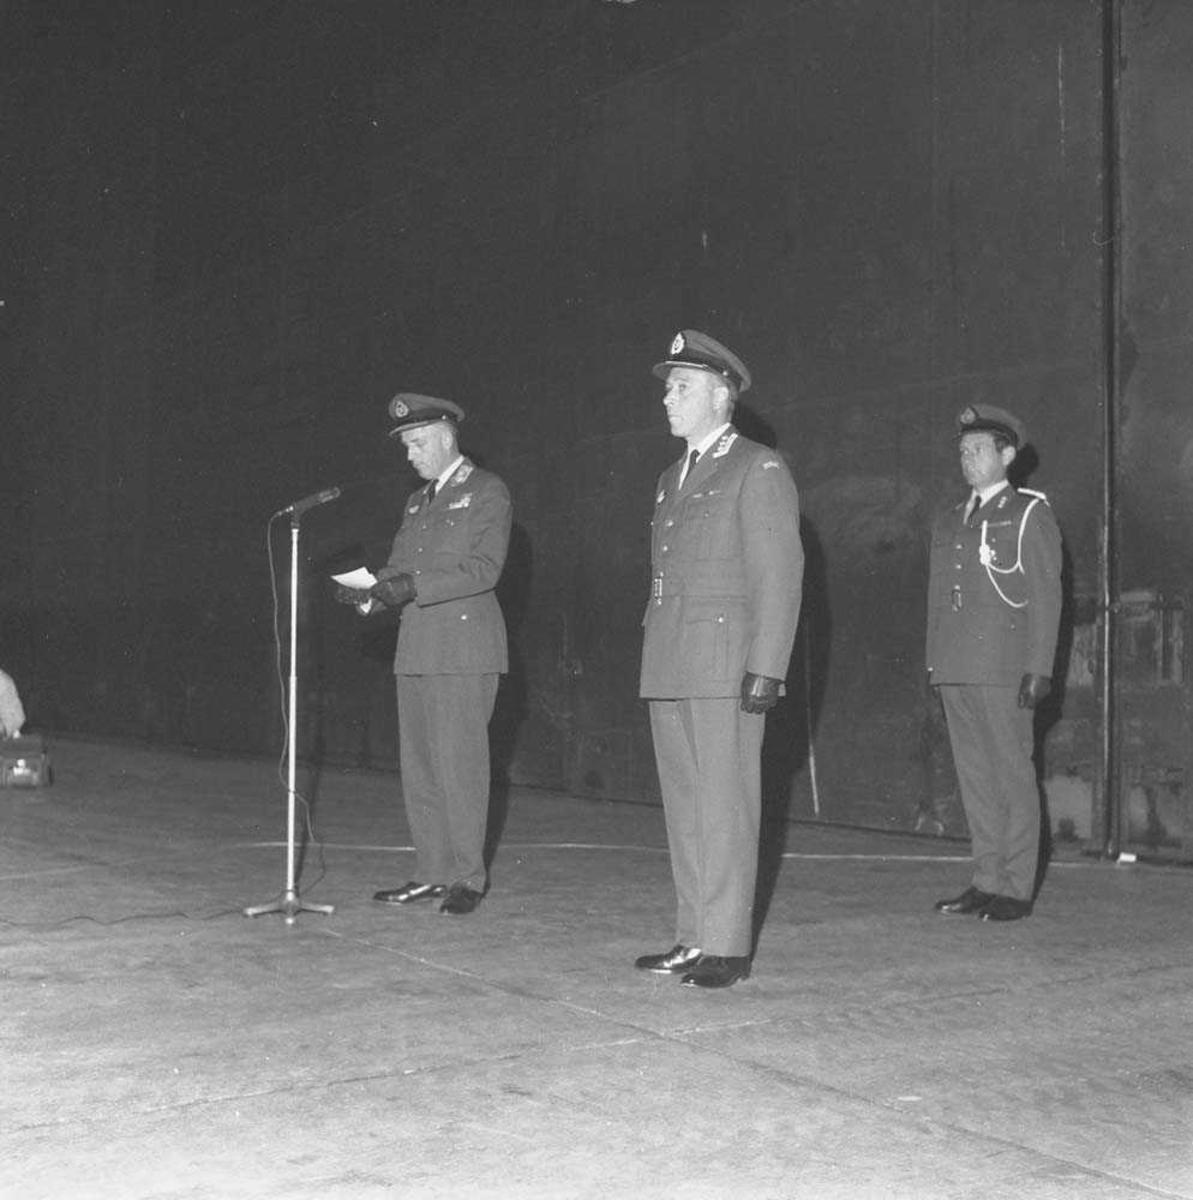 Stasjonssjefskifte på Bodø flystasjon. Påtroppende sjef er Oberst K. Bjørge-Hansen, som står i midten av de 3 personene på bildet. Avtroppende sjef er Oberst E. Tjensvoll. Til venstre på bildet sees General W. Christie, som forestår sjefsskiftet.